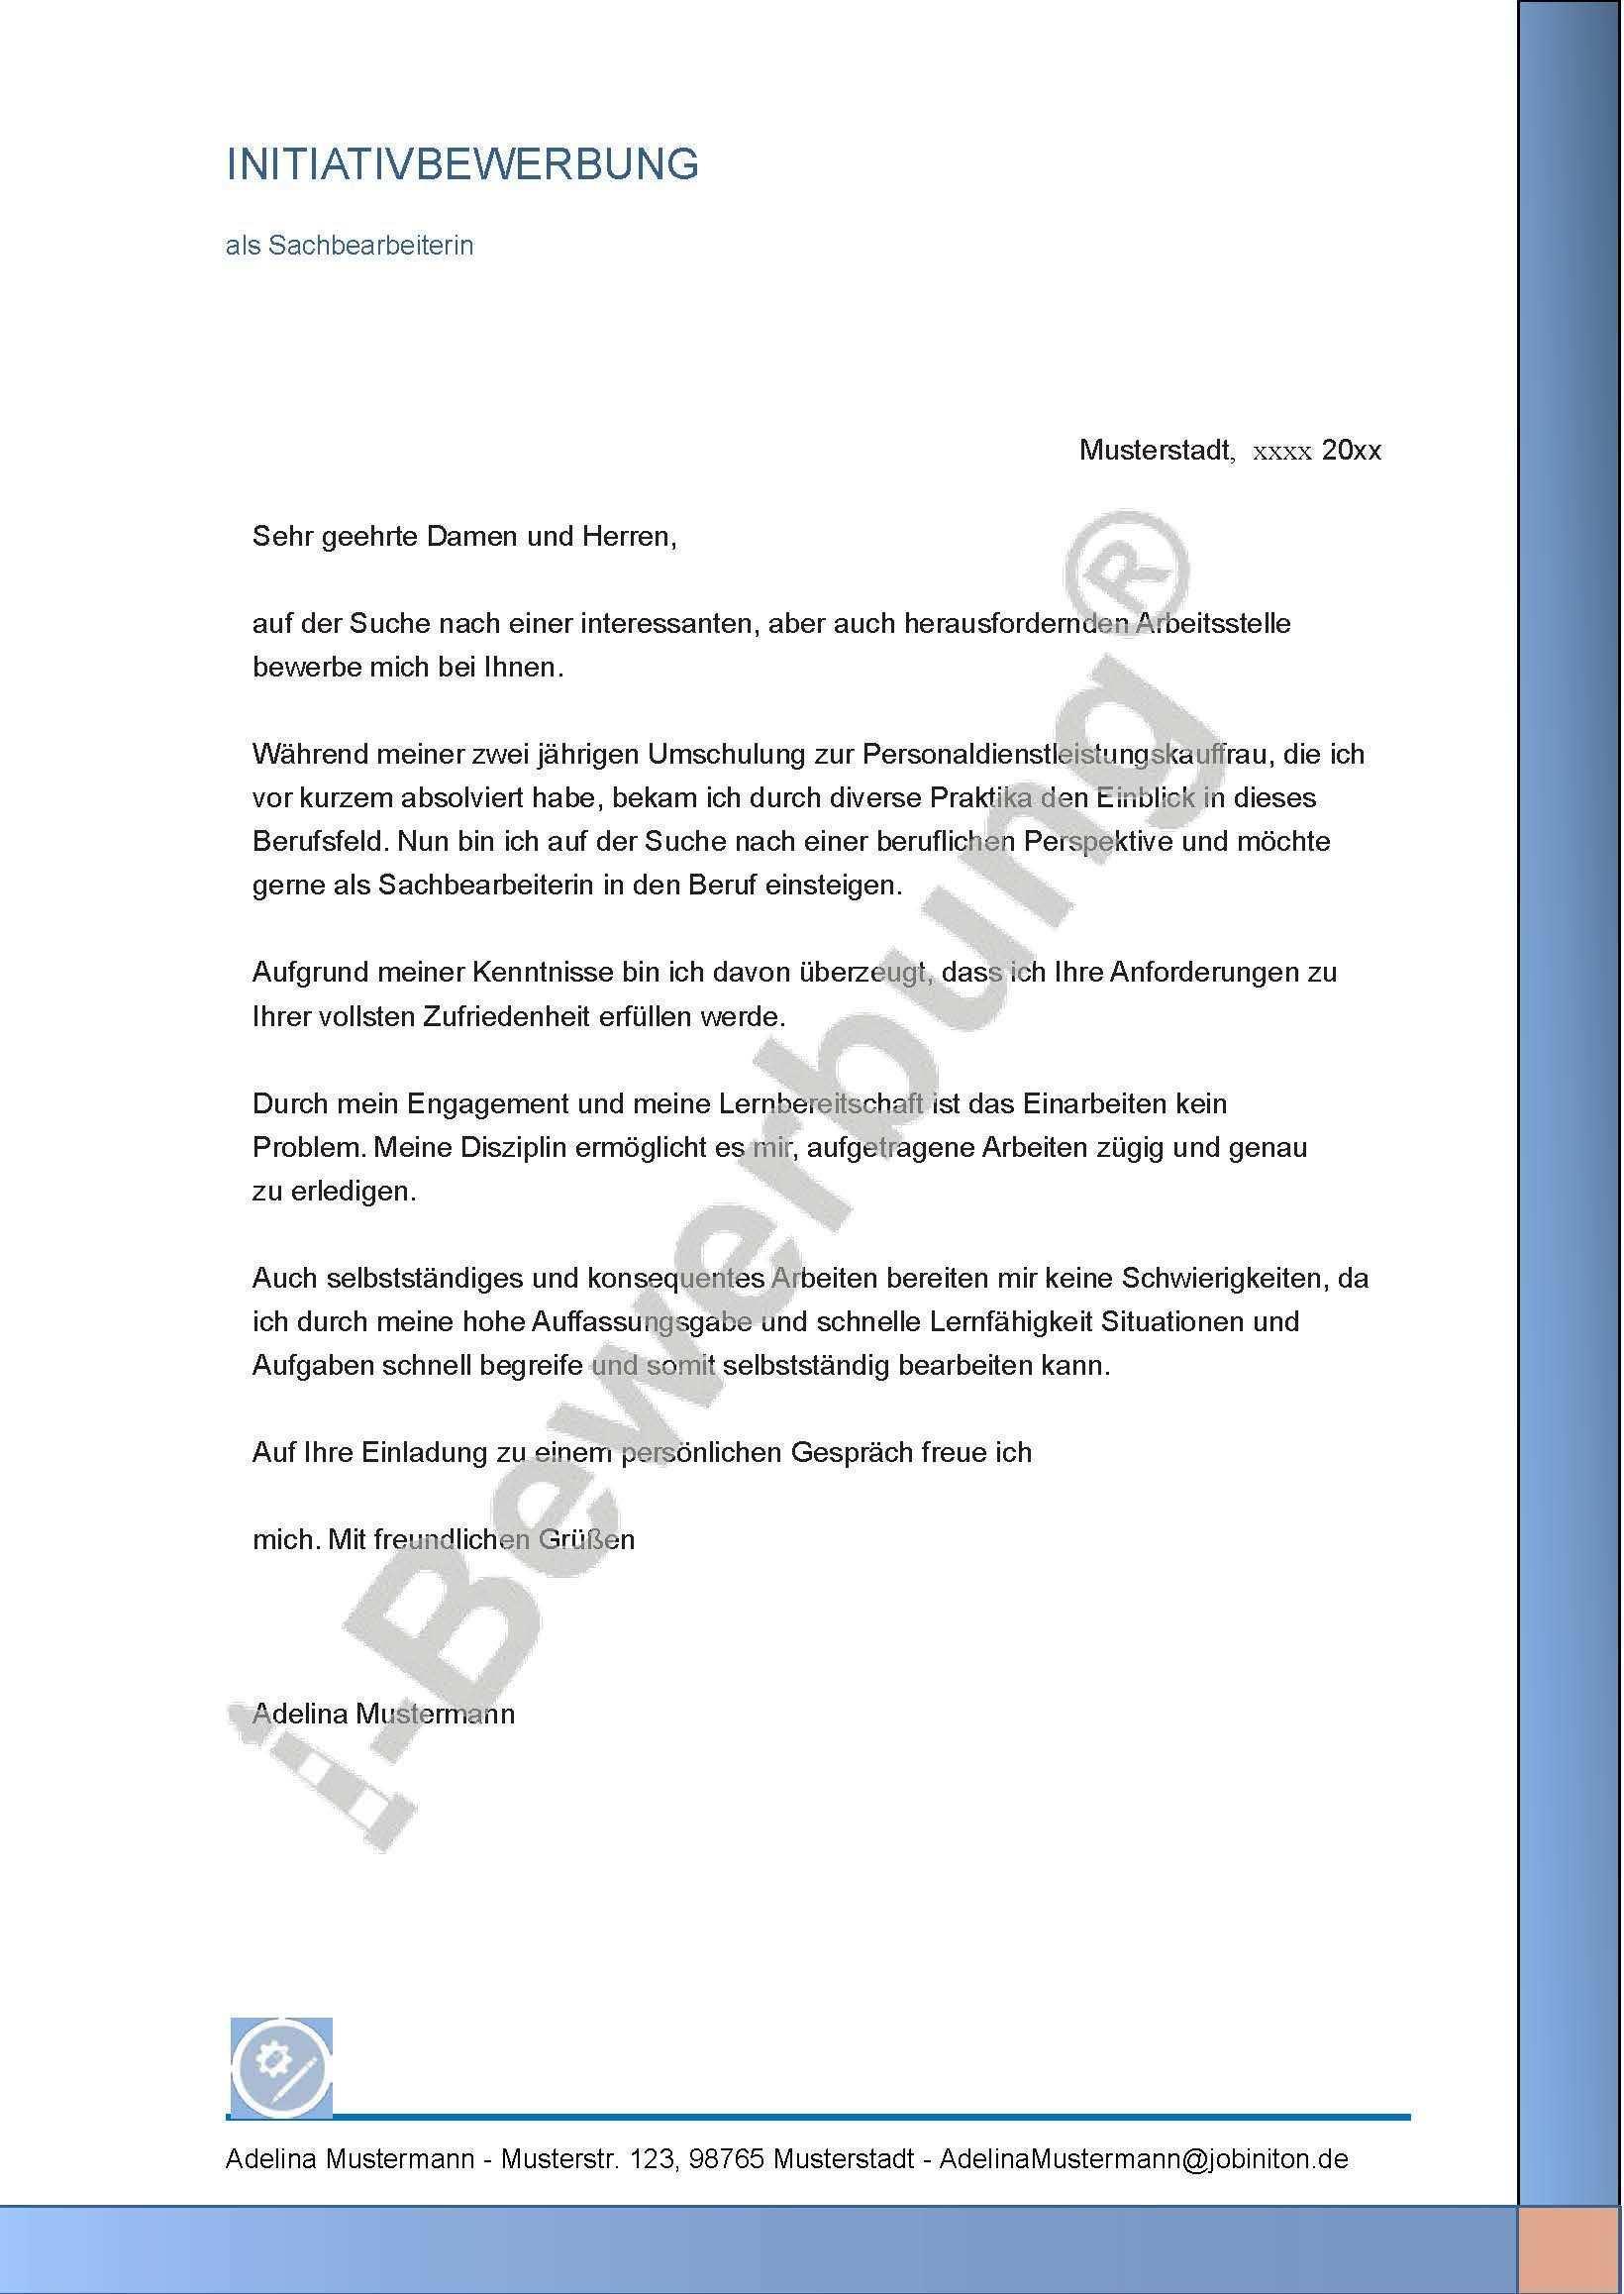 Muster Fur Das Bewerbungsanschreiben Als Sachbearbeiterin Adelina 625 In 2020 Bewerbung Anschreiben Bewerbung Bewerbung Lebenslauf